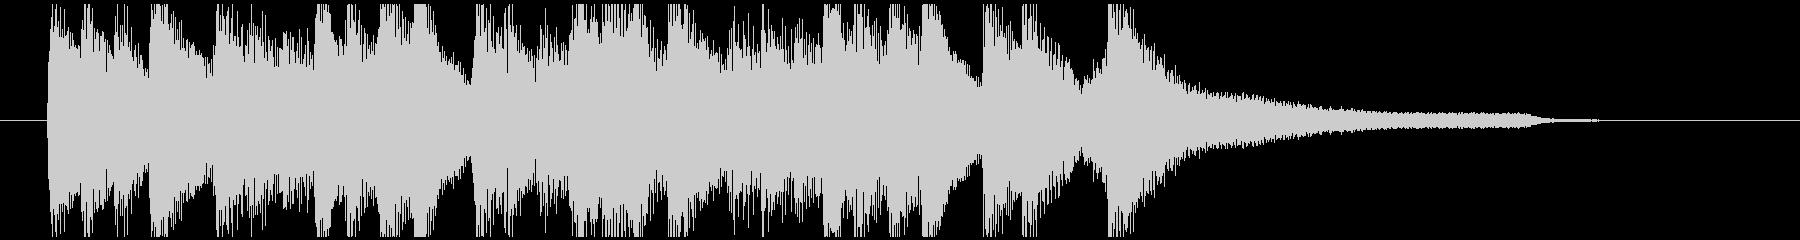 フワフワした章の区切りのピアノフレーズの未再生の波形